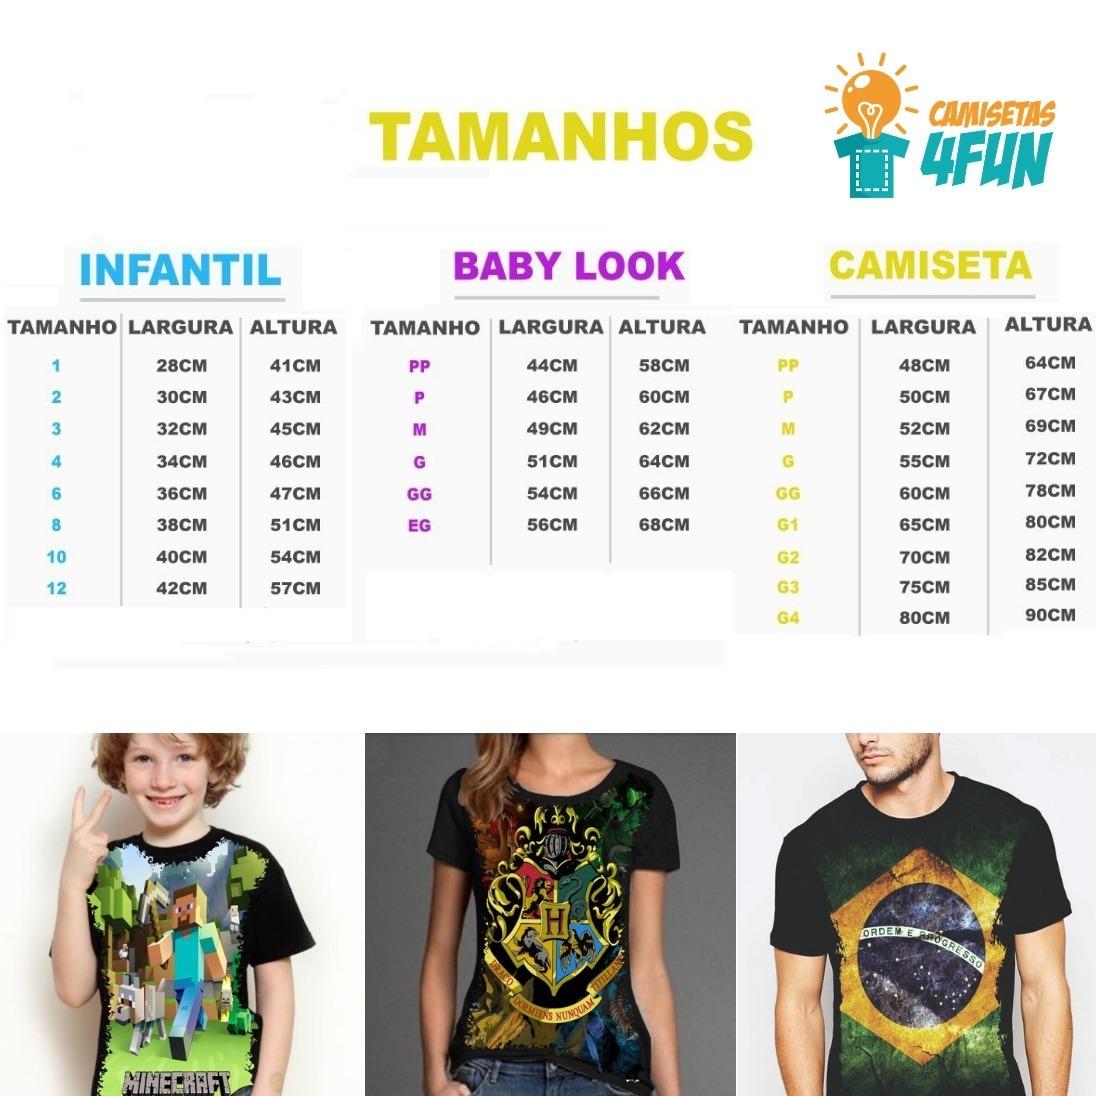 camiseta plus size nfl camisa nfl futebol americano nfl logo. Carregando  zoom. c7e8c2c7c77